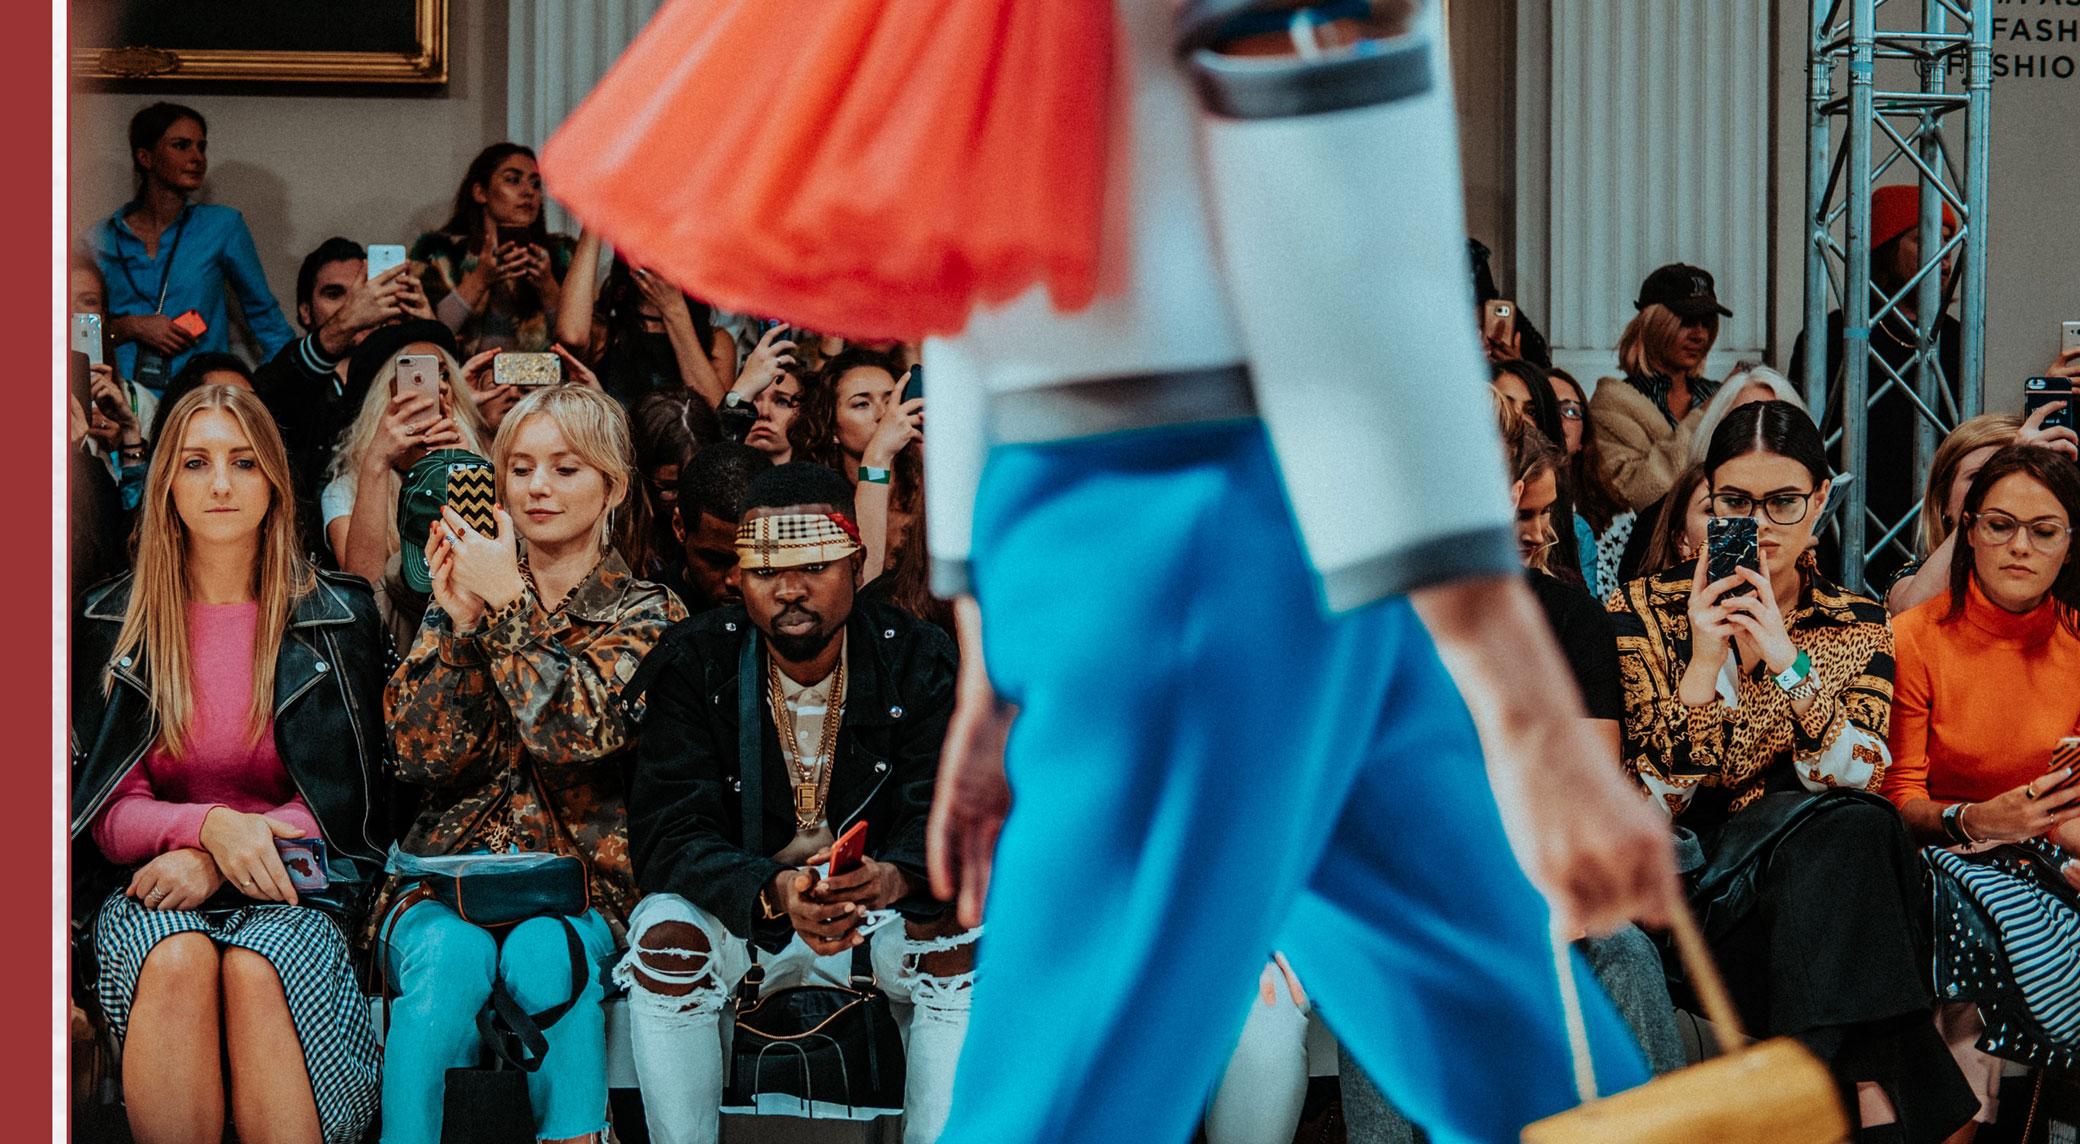 Novedades-2019-moda Qué novedades nos trae el 2019 en el sector de la moda